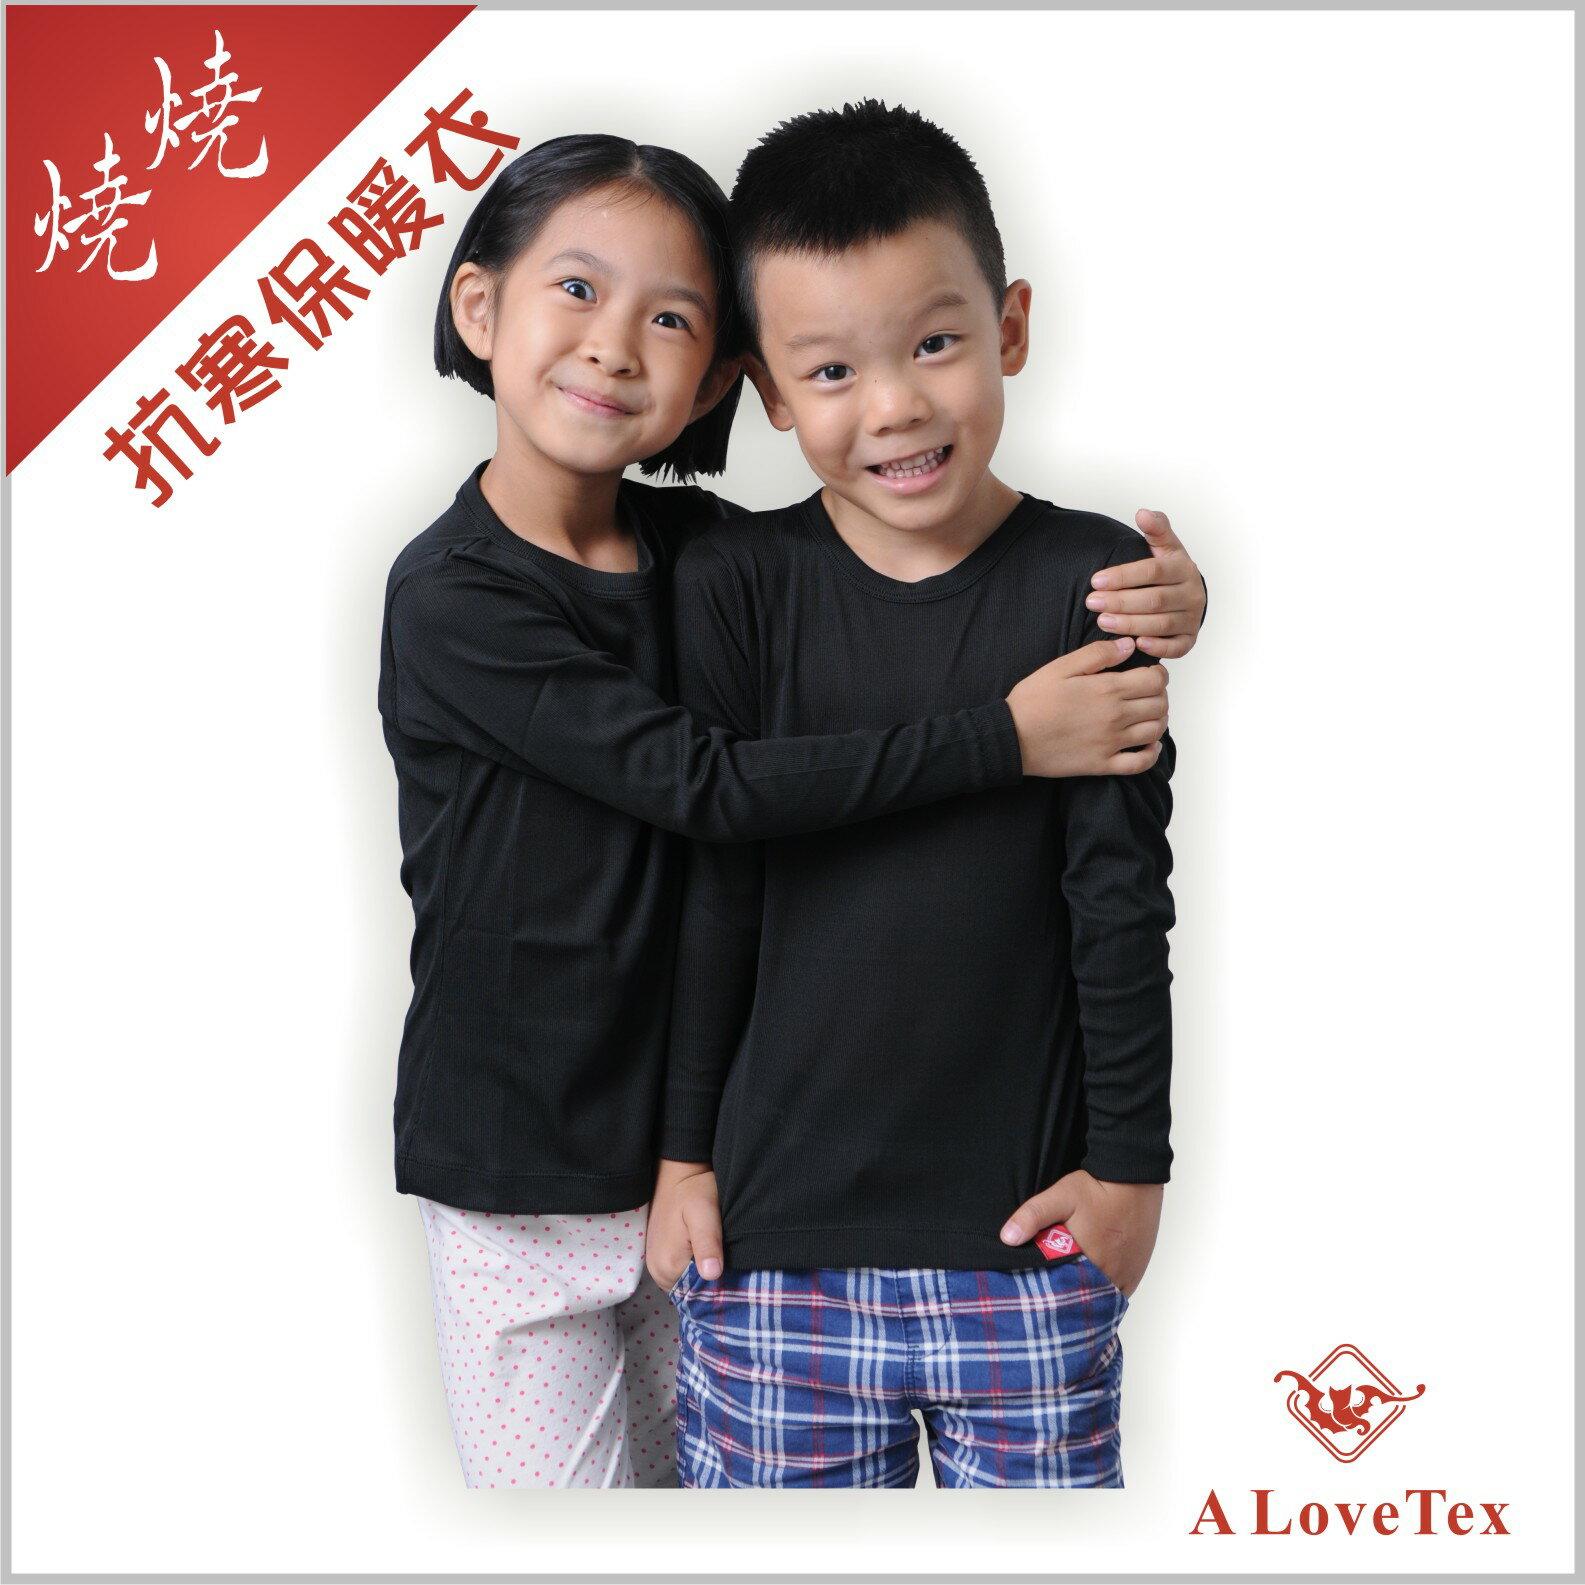 ~樂福織品~兒童 – 黑色圓領 – 燒燒抗寒保暖衣 – 輕、薄、暖 – 給您的孩子,溫暖零